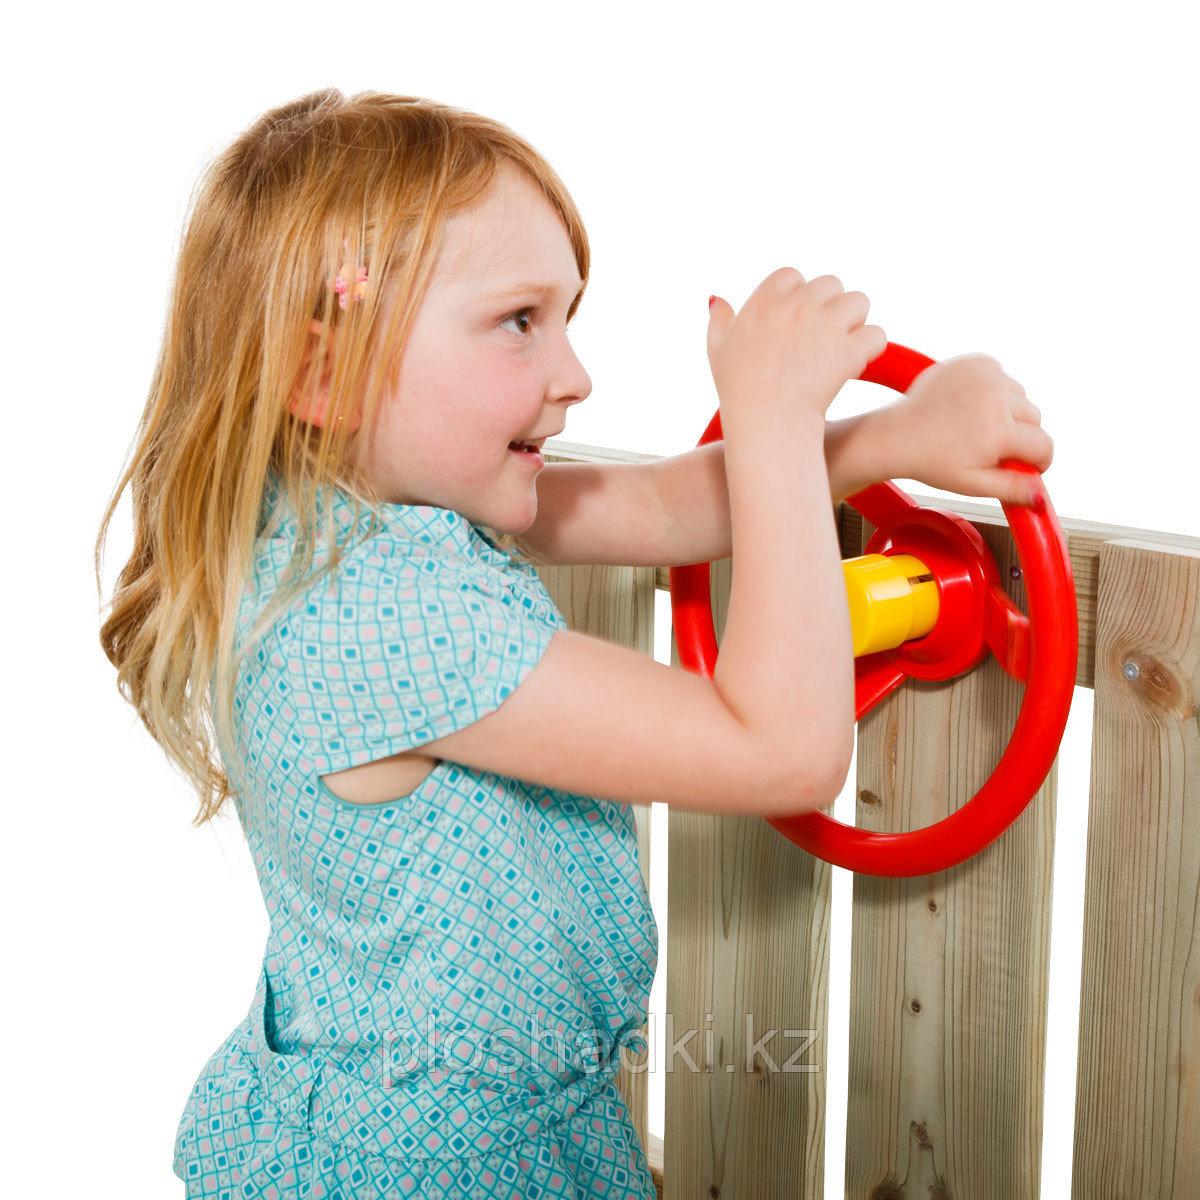 Детский руль из ударопрочного пластика, с гудком